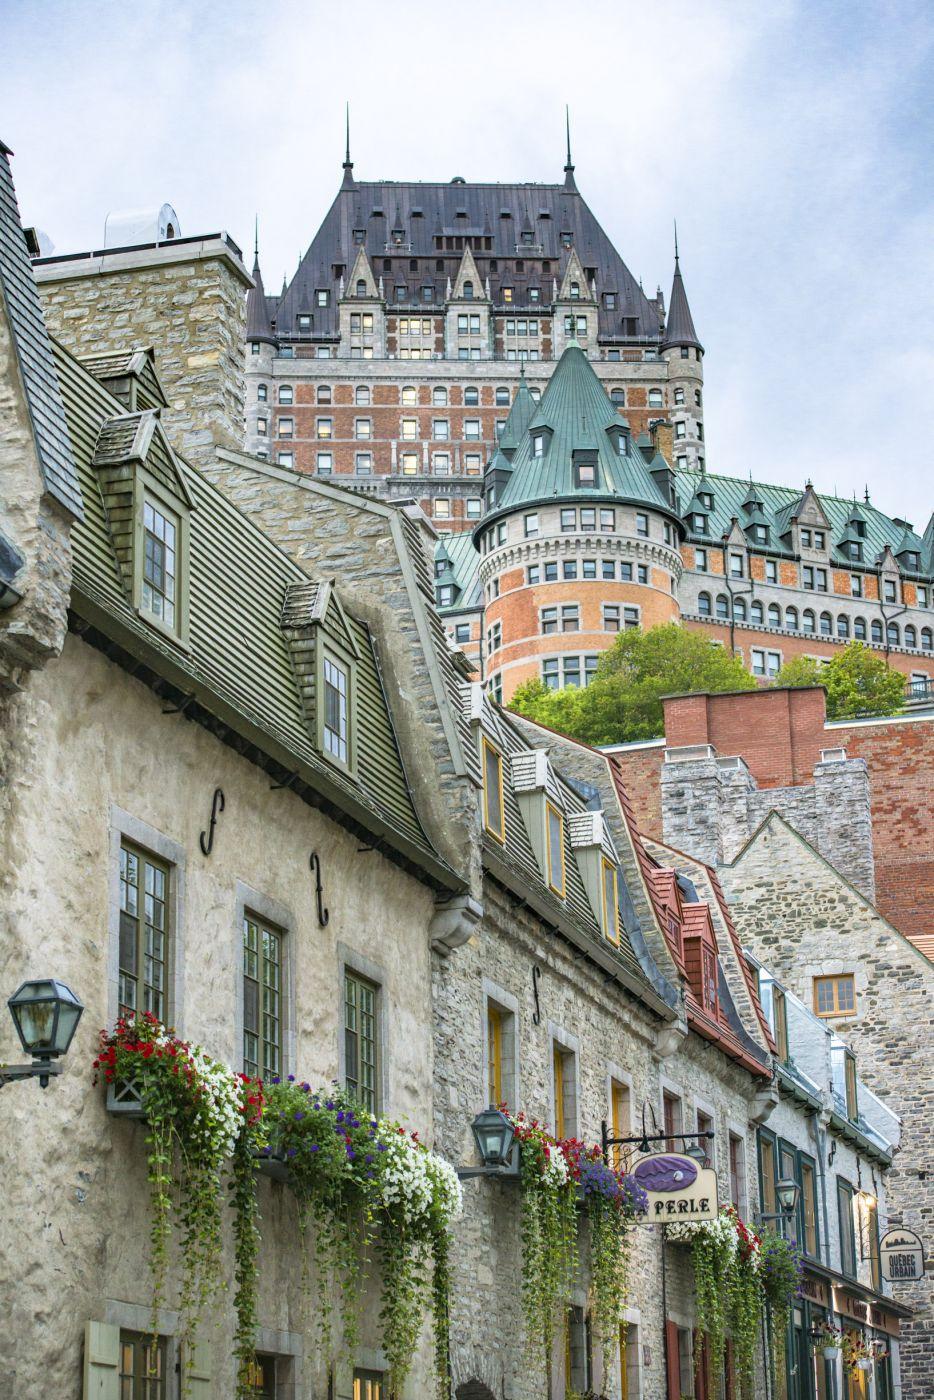 The Frontenac, Canada